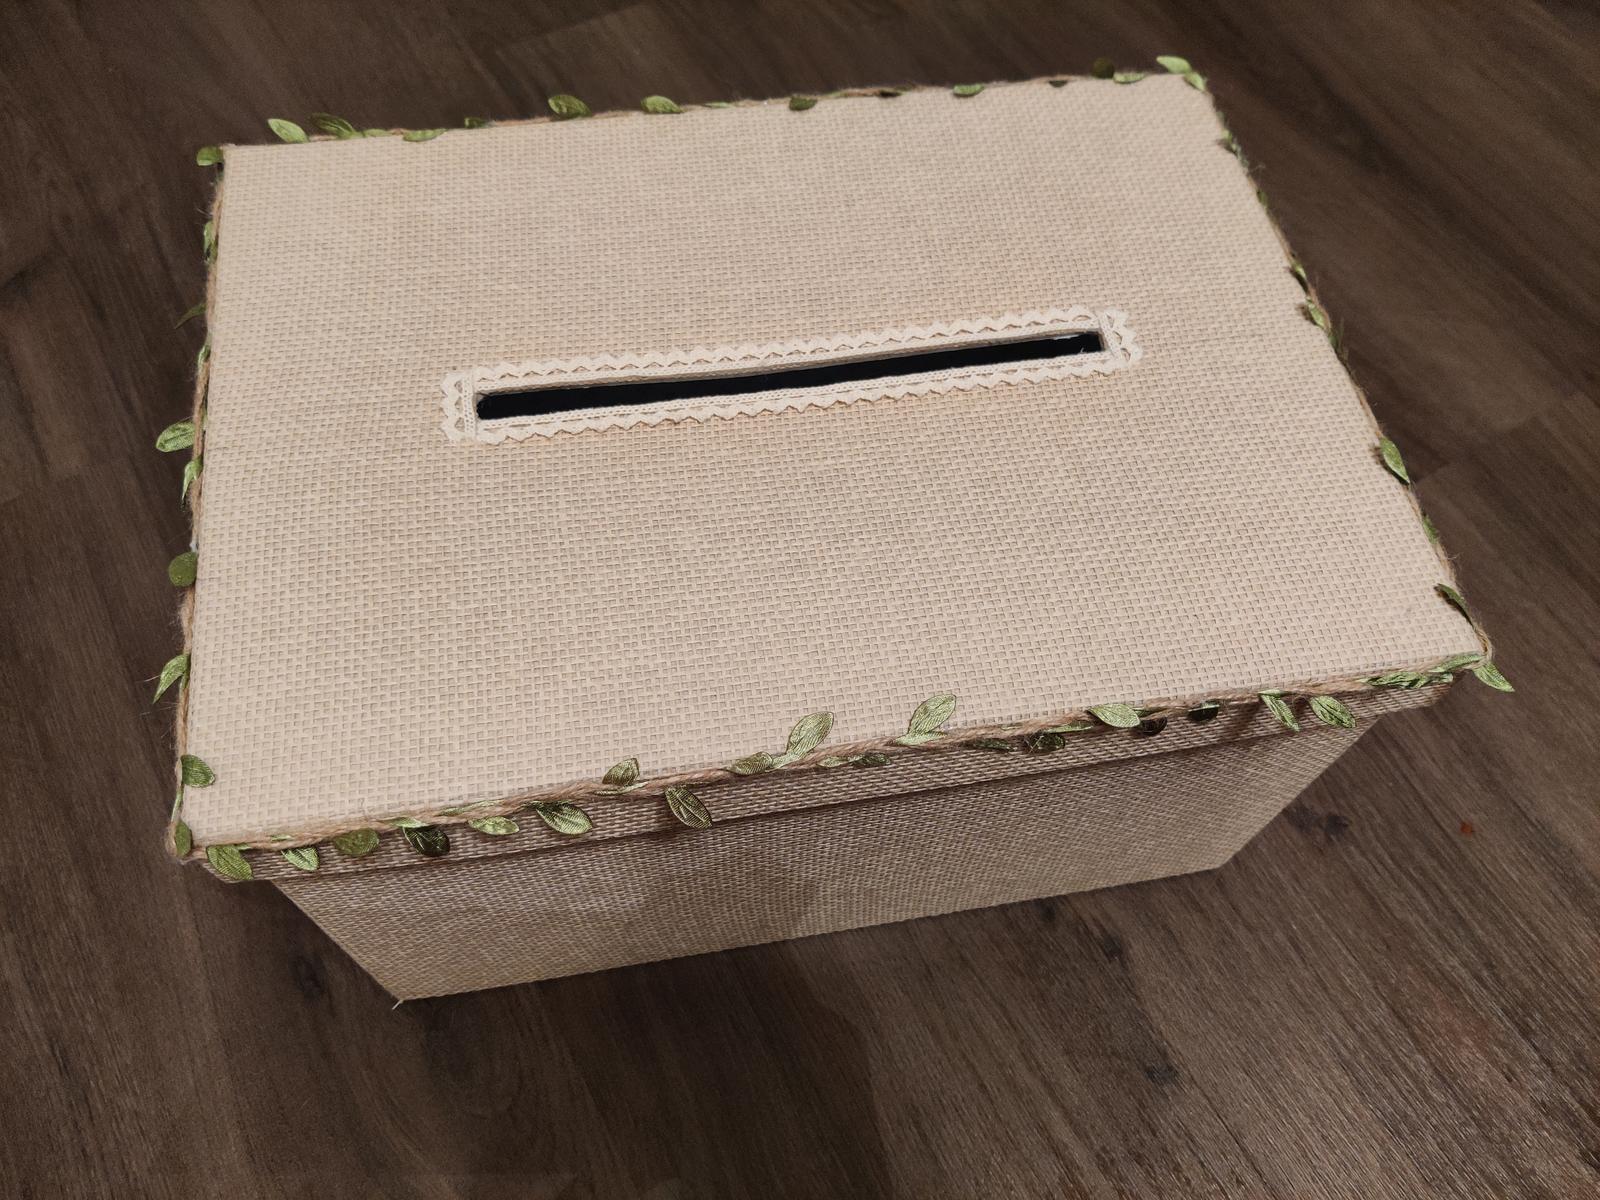 Krabice na přání a dary - Obrázek č. 1